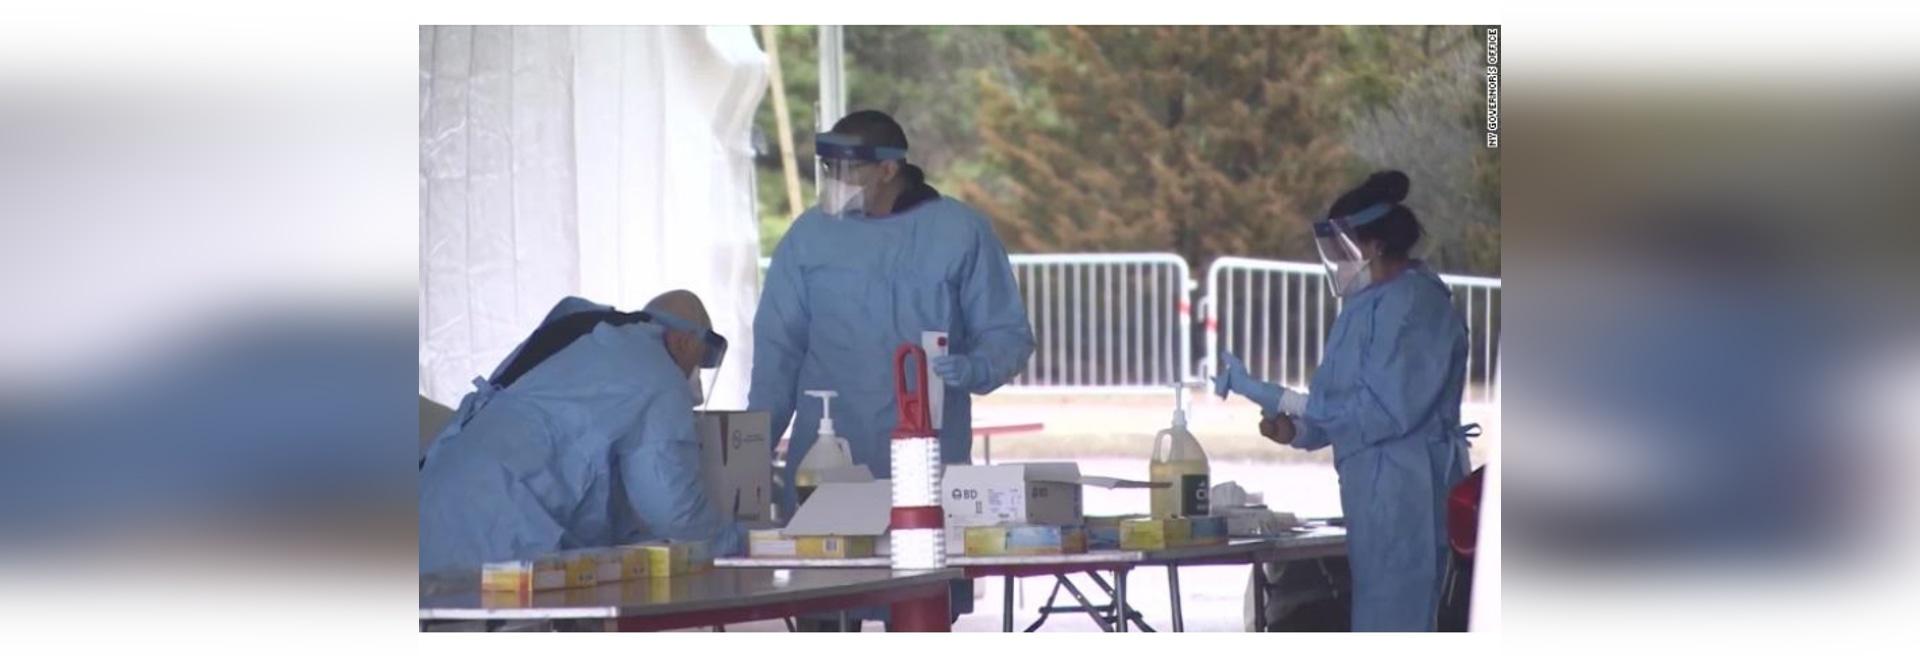 La FDA autorizza un nuovo test che potrebbe rilevare il coronavirus in circa 45 minuti